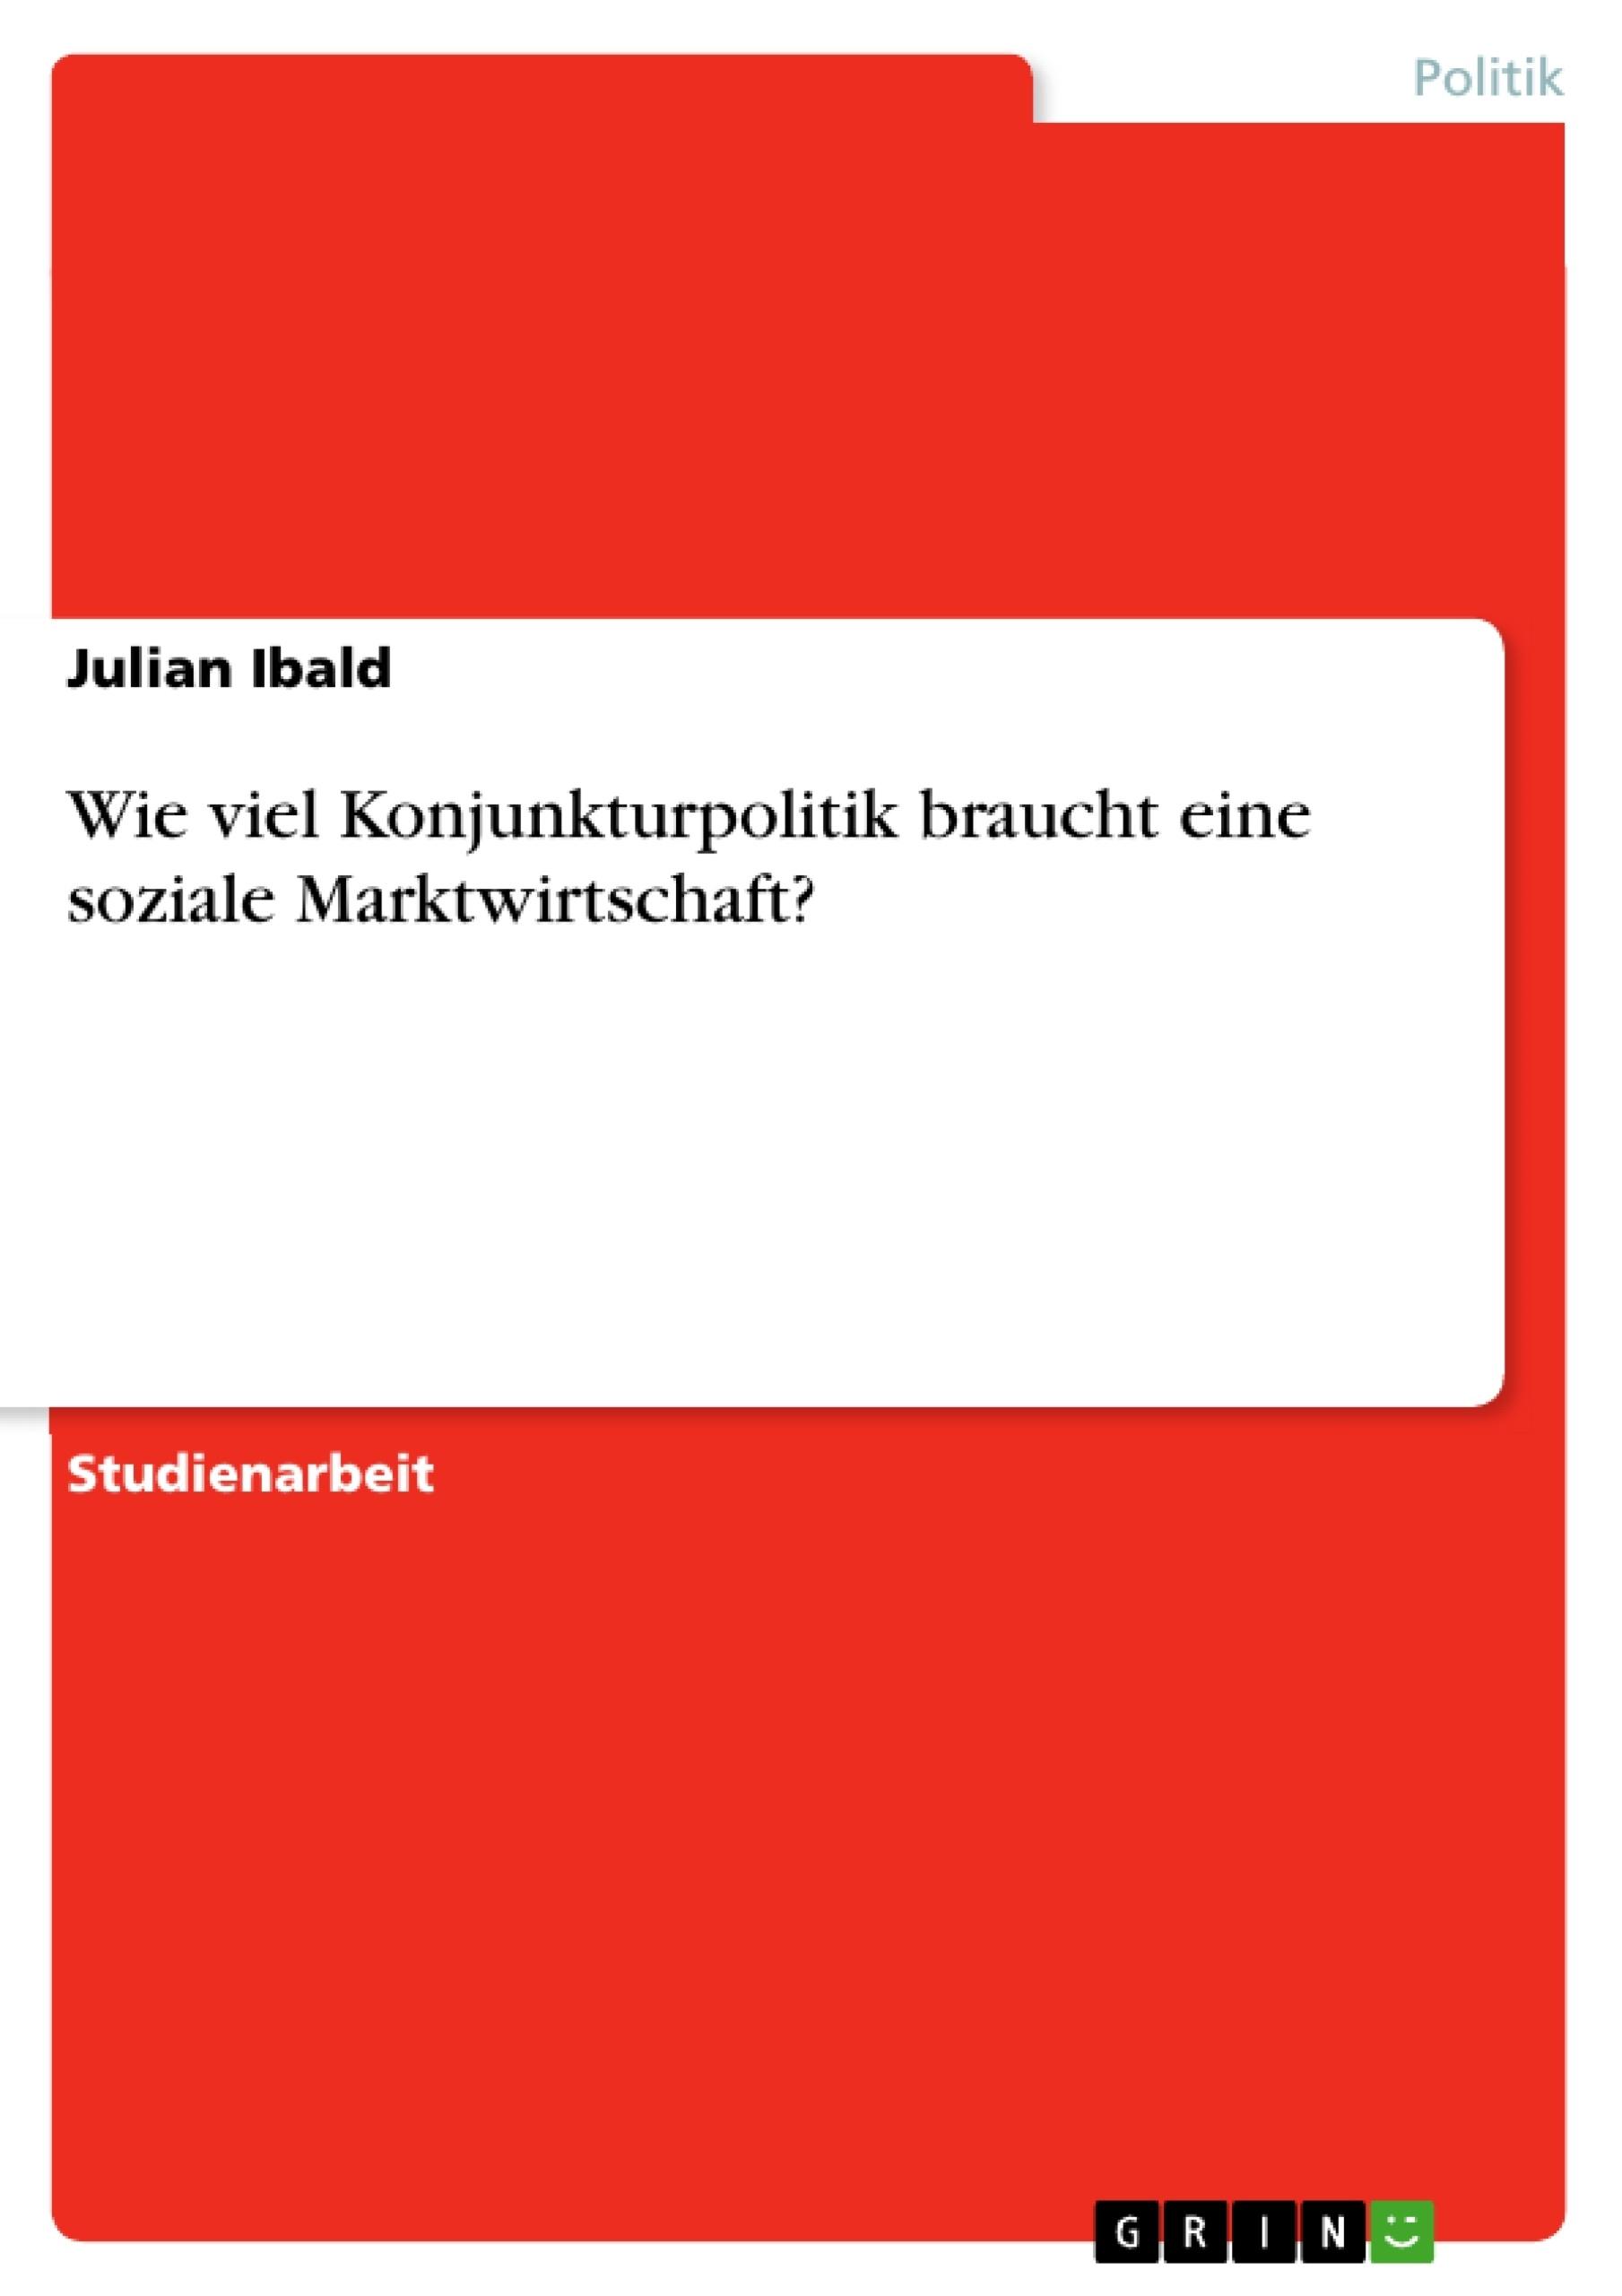 Titel: Wie viel Konjunkturpolitik braucht eine soziale Marktwirtschaft?